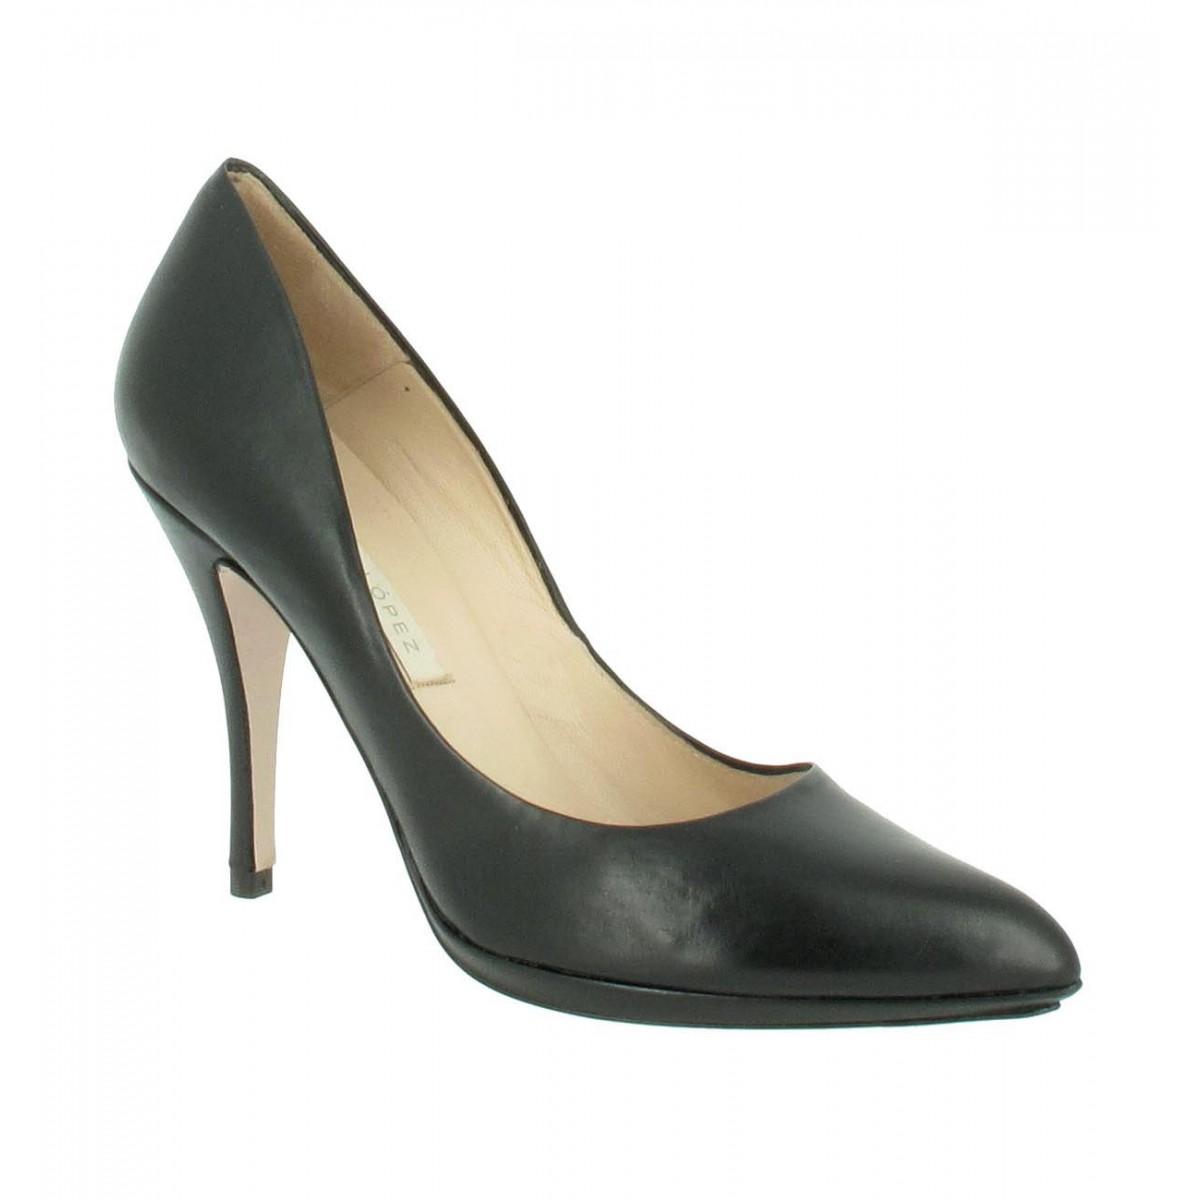 Escarpins PURA LOPEZ 100 cuir Femme Noir